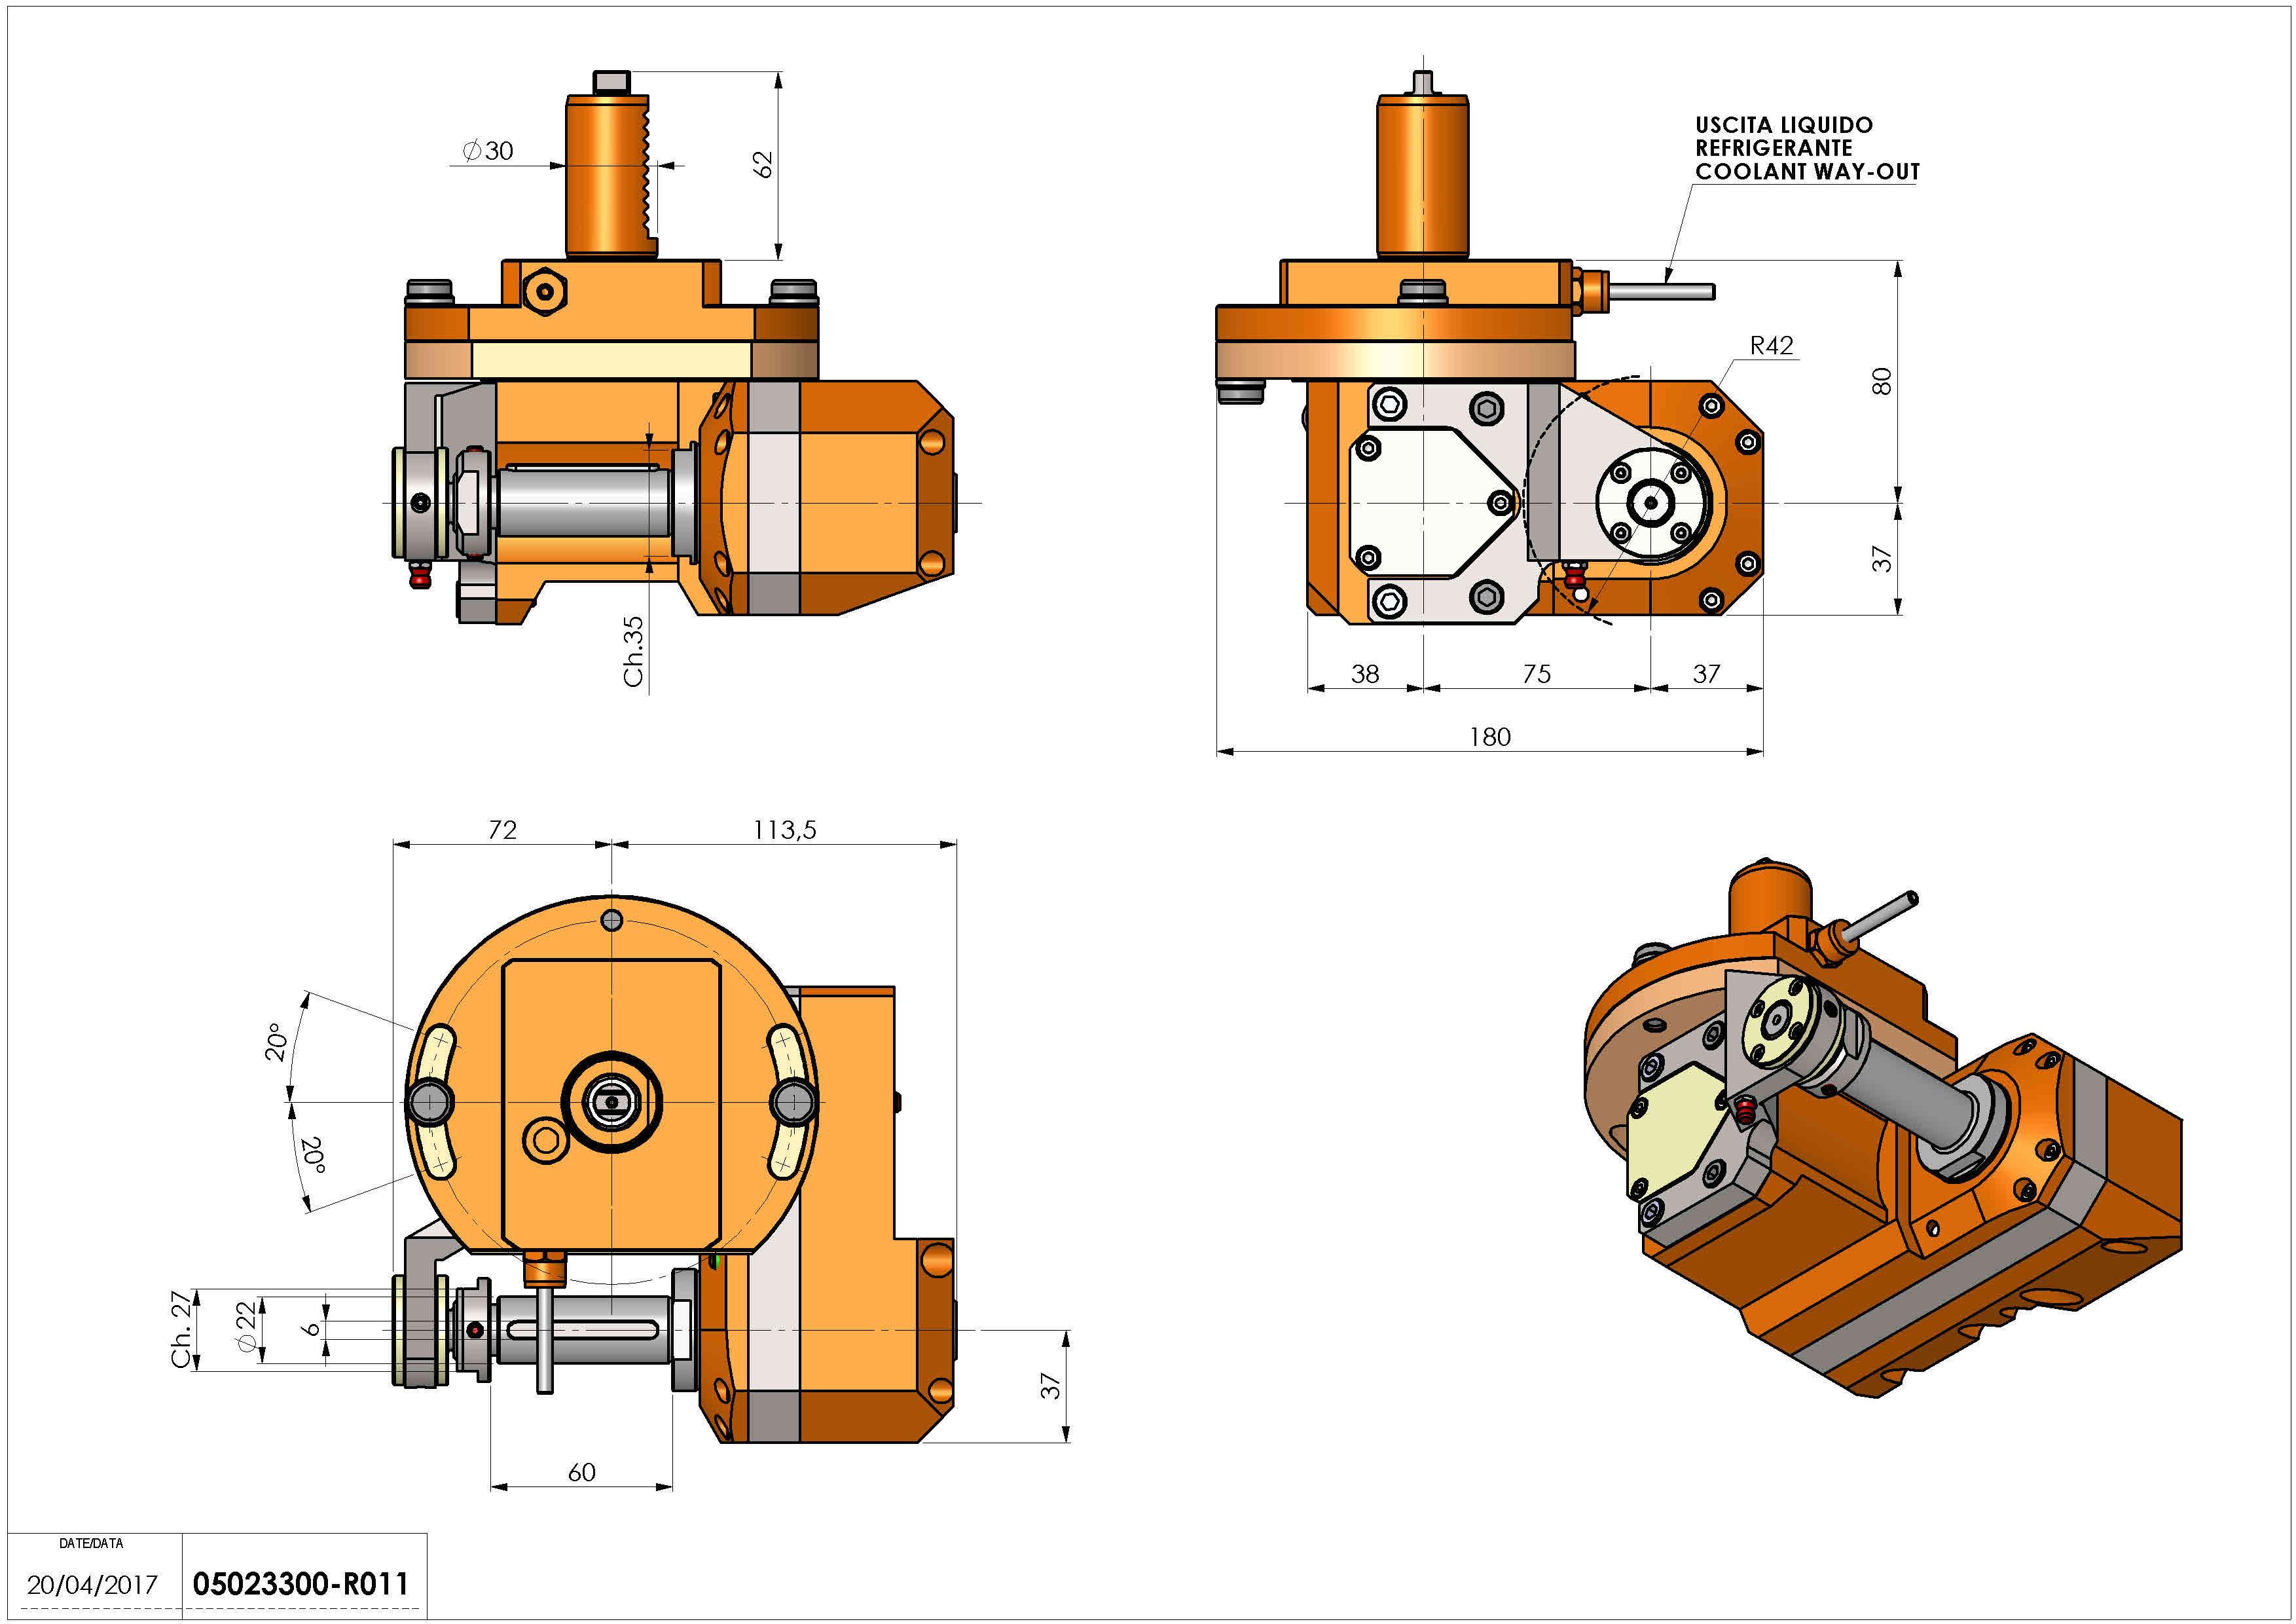 Technical image - LT-HOB-SAW VDI30 2.5:1 H80.